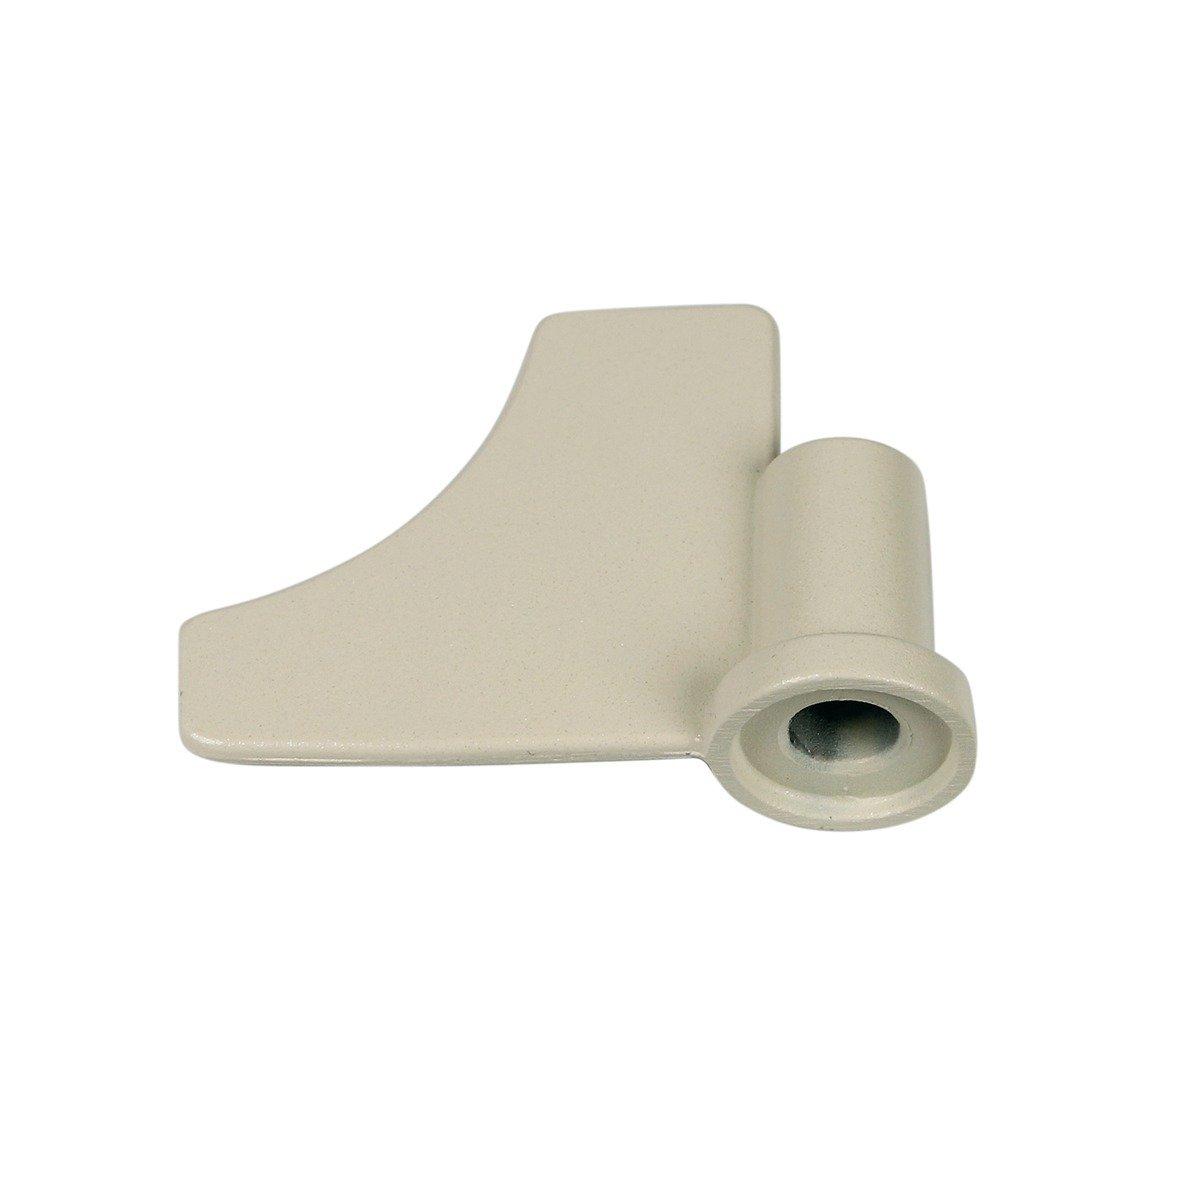 Unold con revestimiento de cerámica gancho para amasar para back Master Extra 68511 hornear pan máquina (6851172): Amazon.es: Hogar